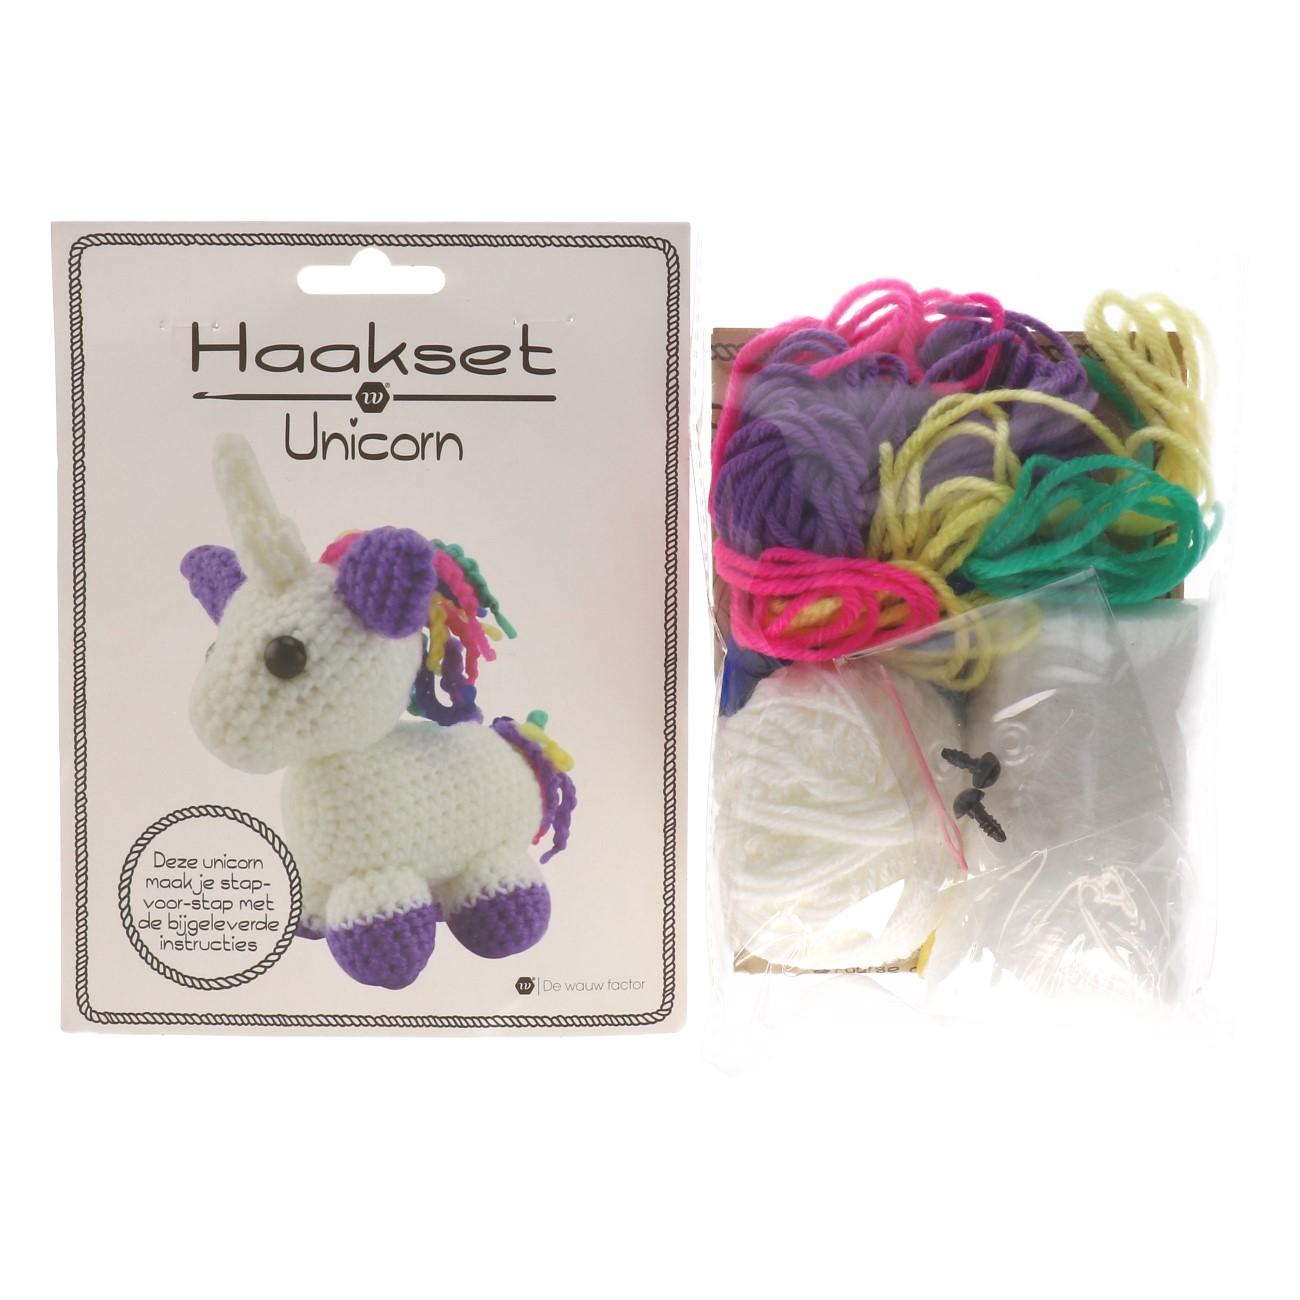 Haakset unicorn